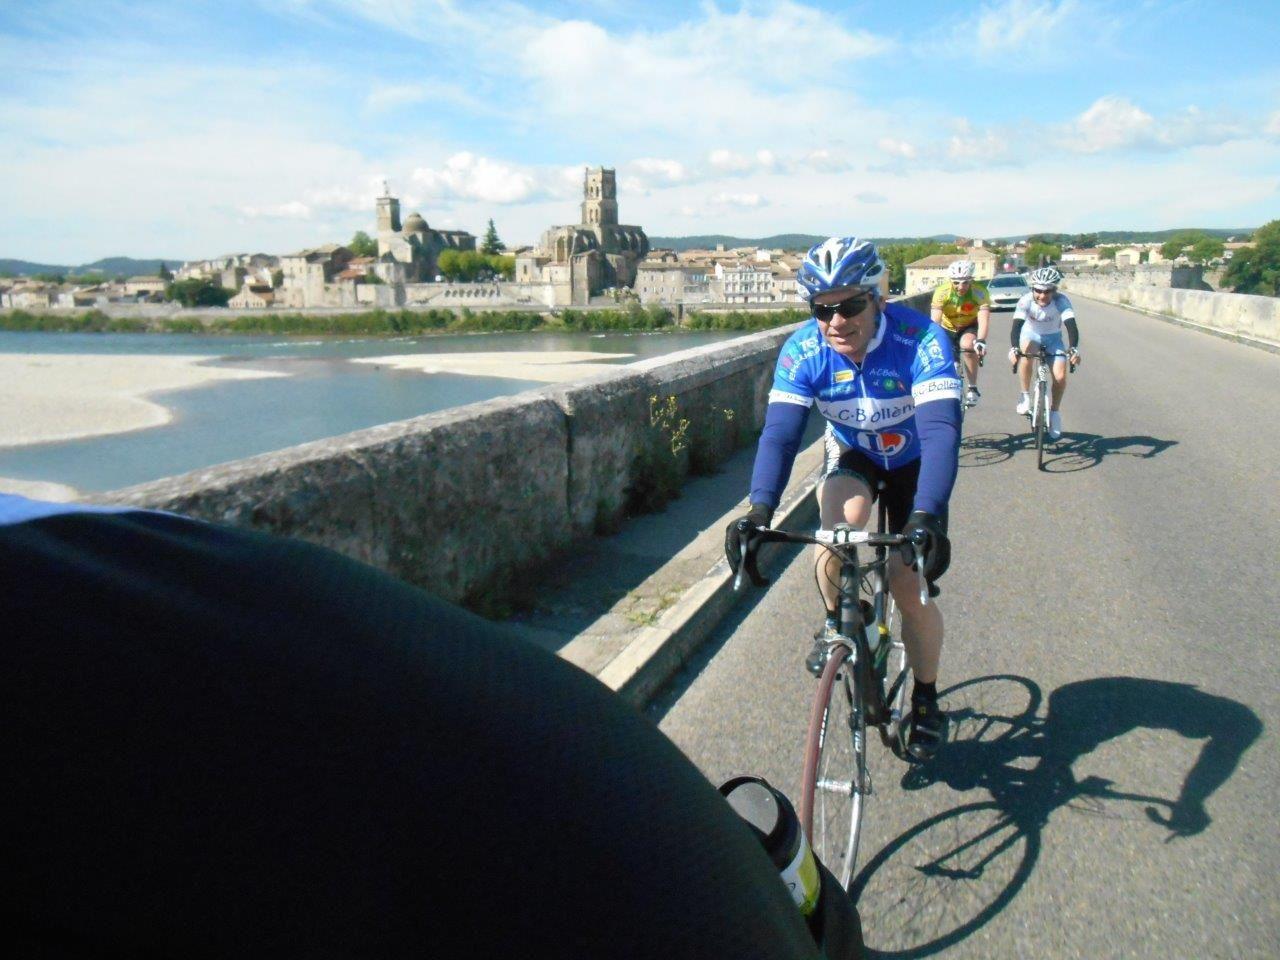 Devant moi Bruno, Nico et Stéphane, derrière Patrick, Olivier et Rocco sur le Rhône à Pont st Esprit.